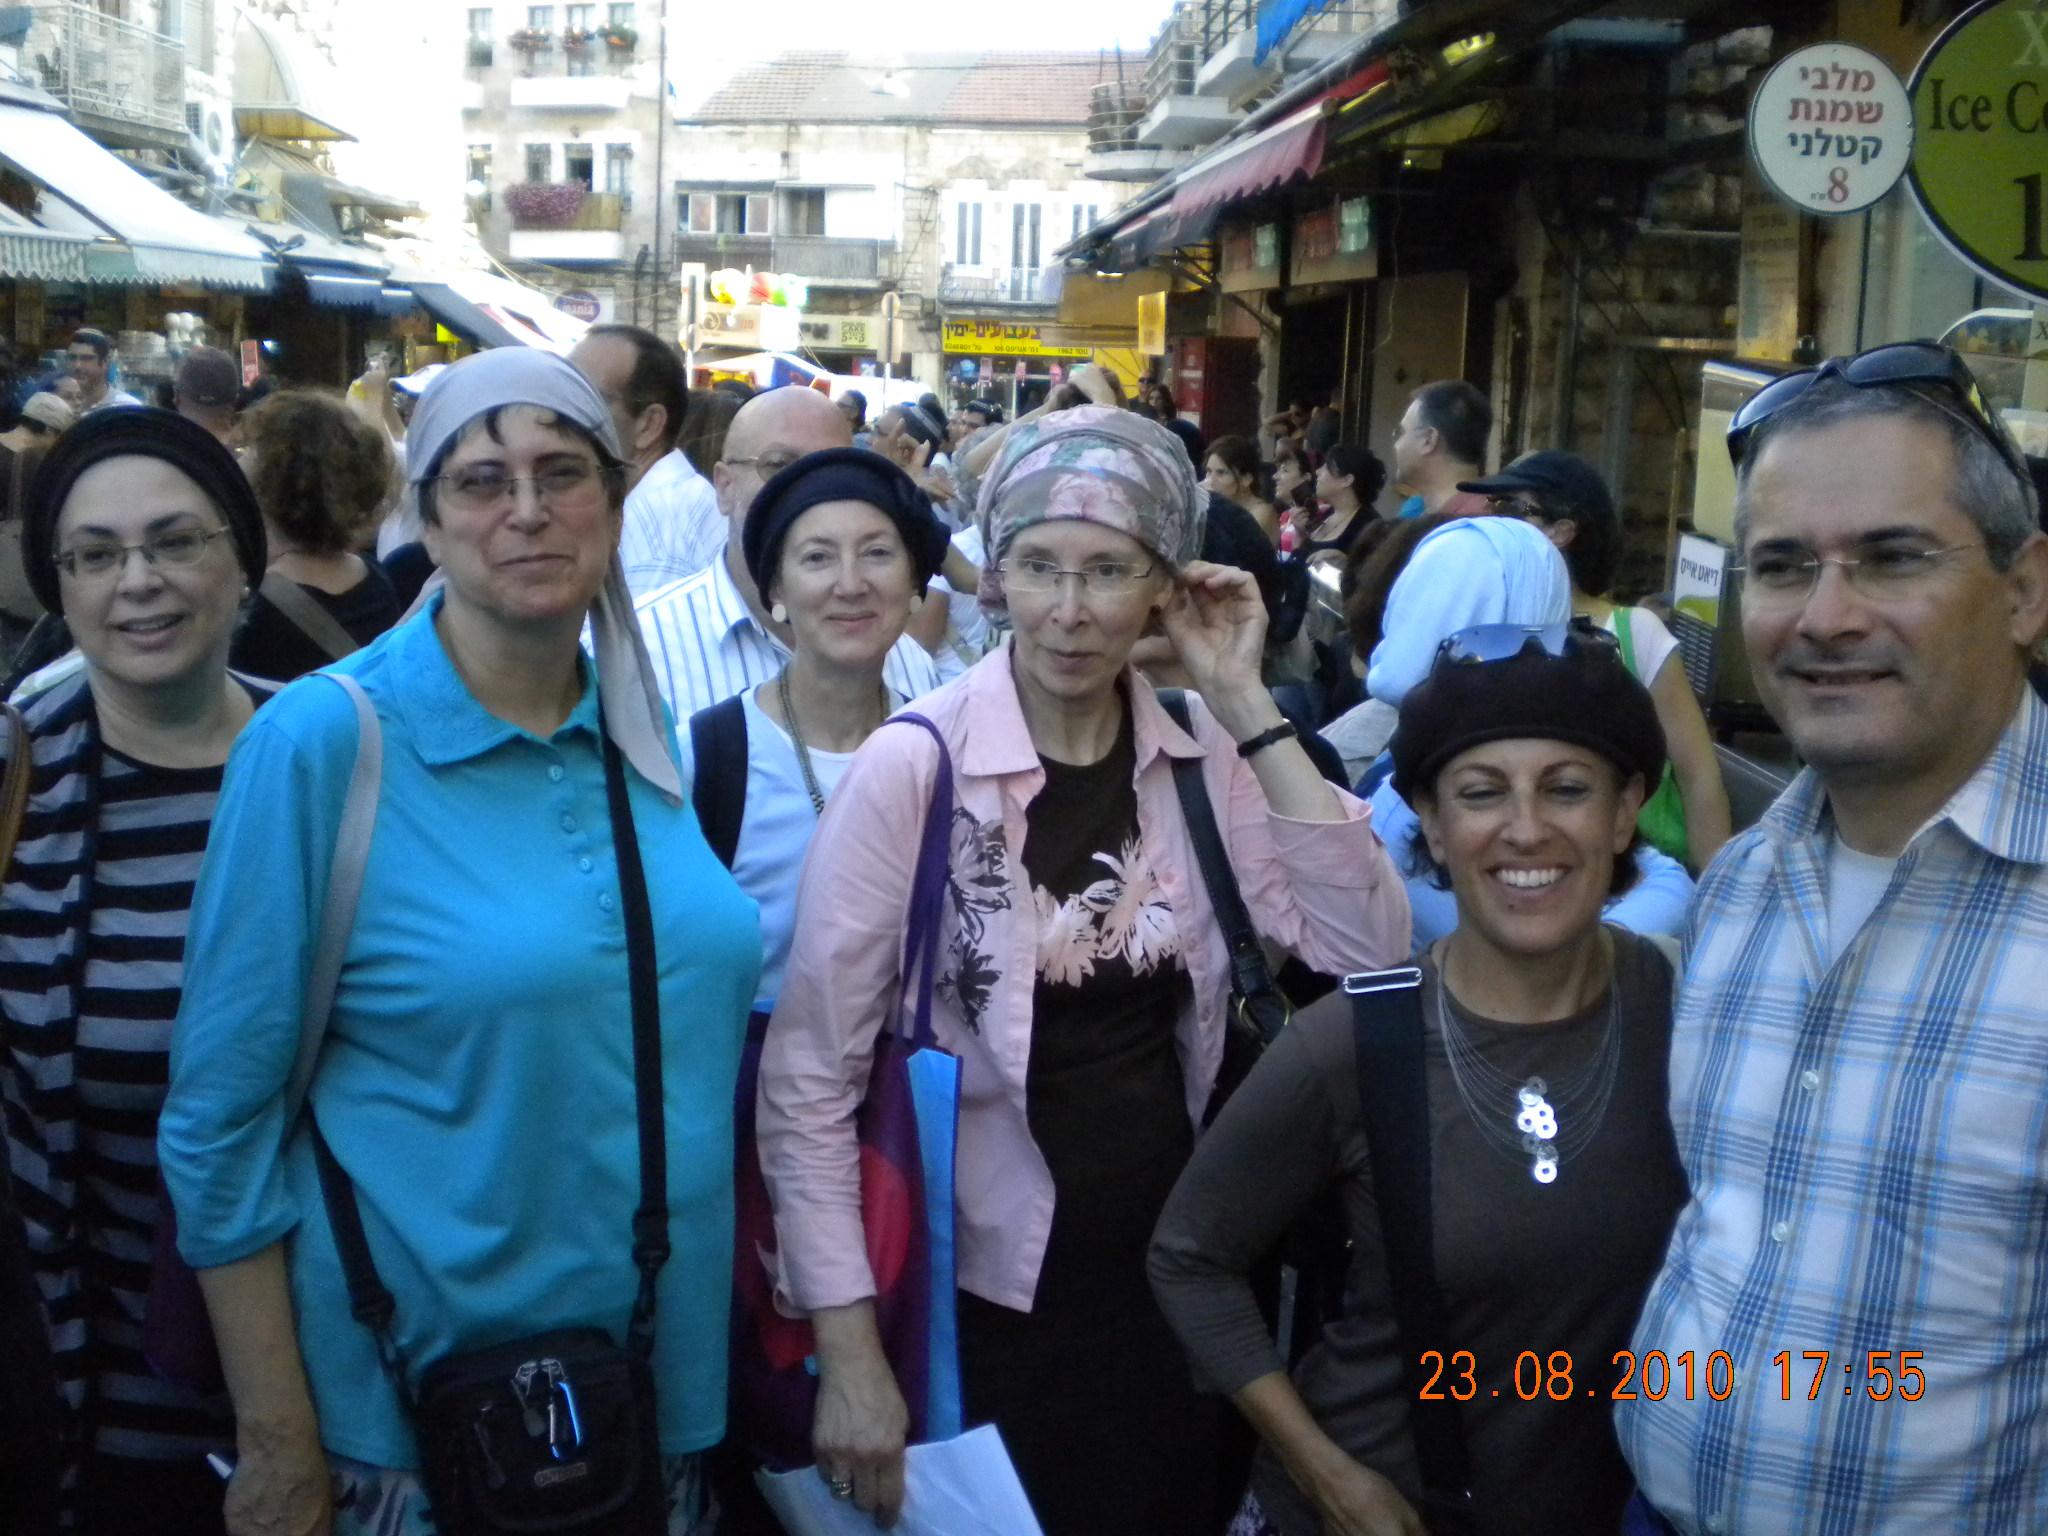 shuk-tour-aug-23-2010-2